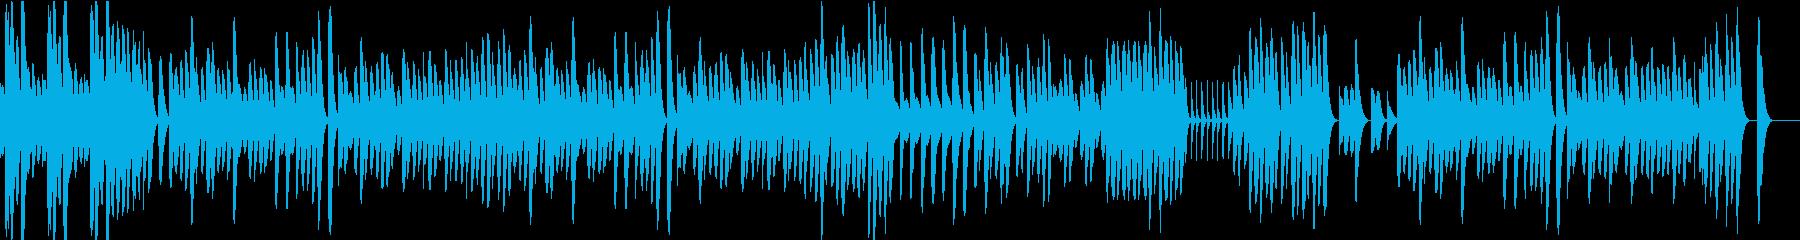 可愛らしくほのぼのとした木琴のBGMの再生済みの波形